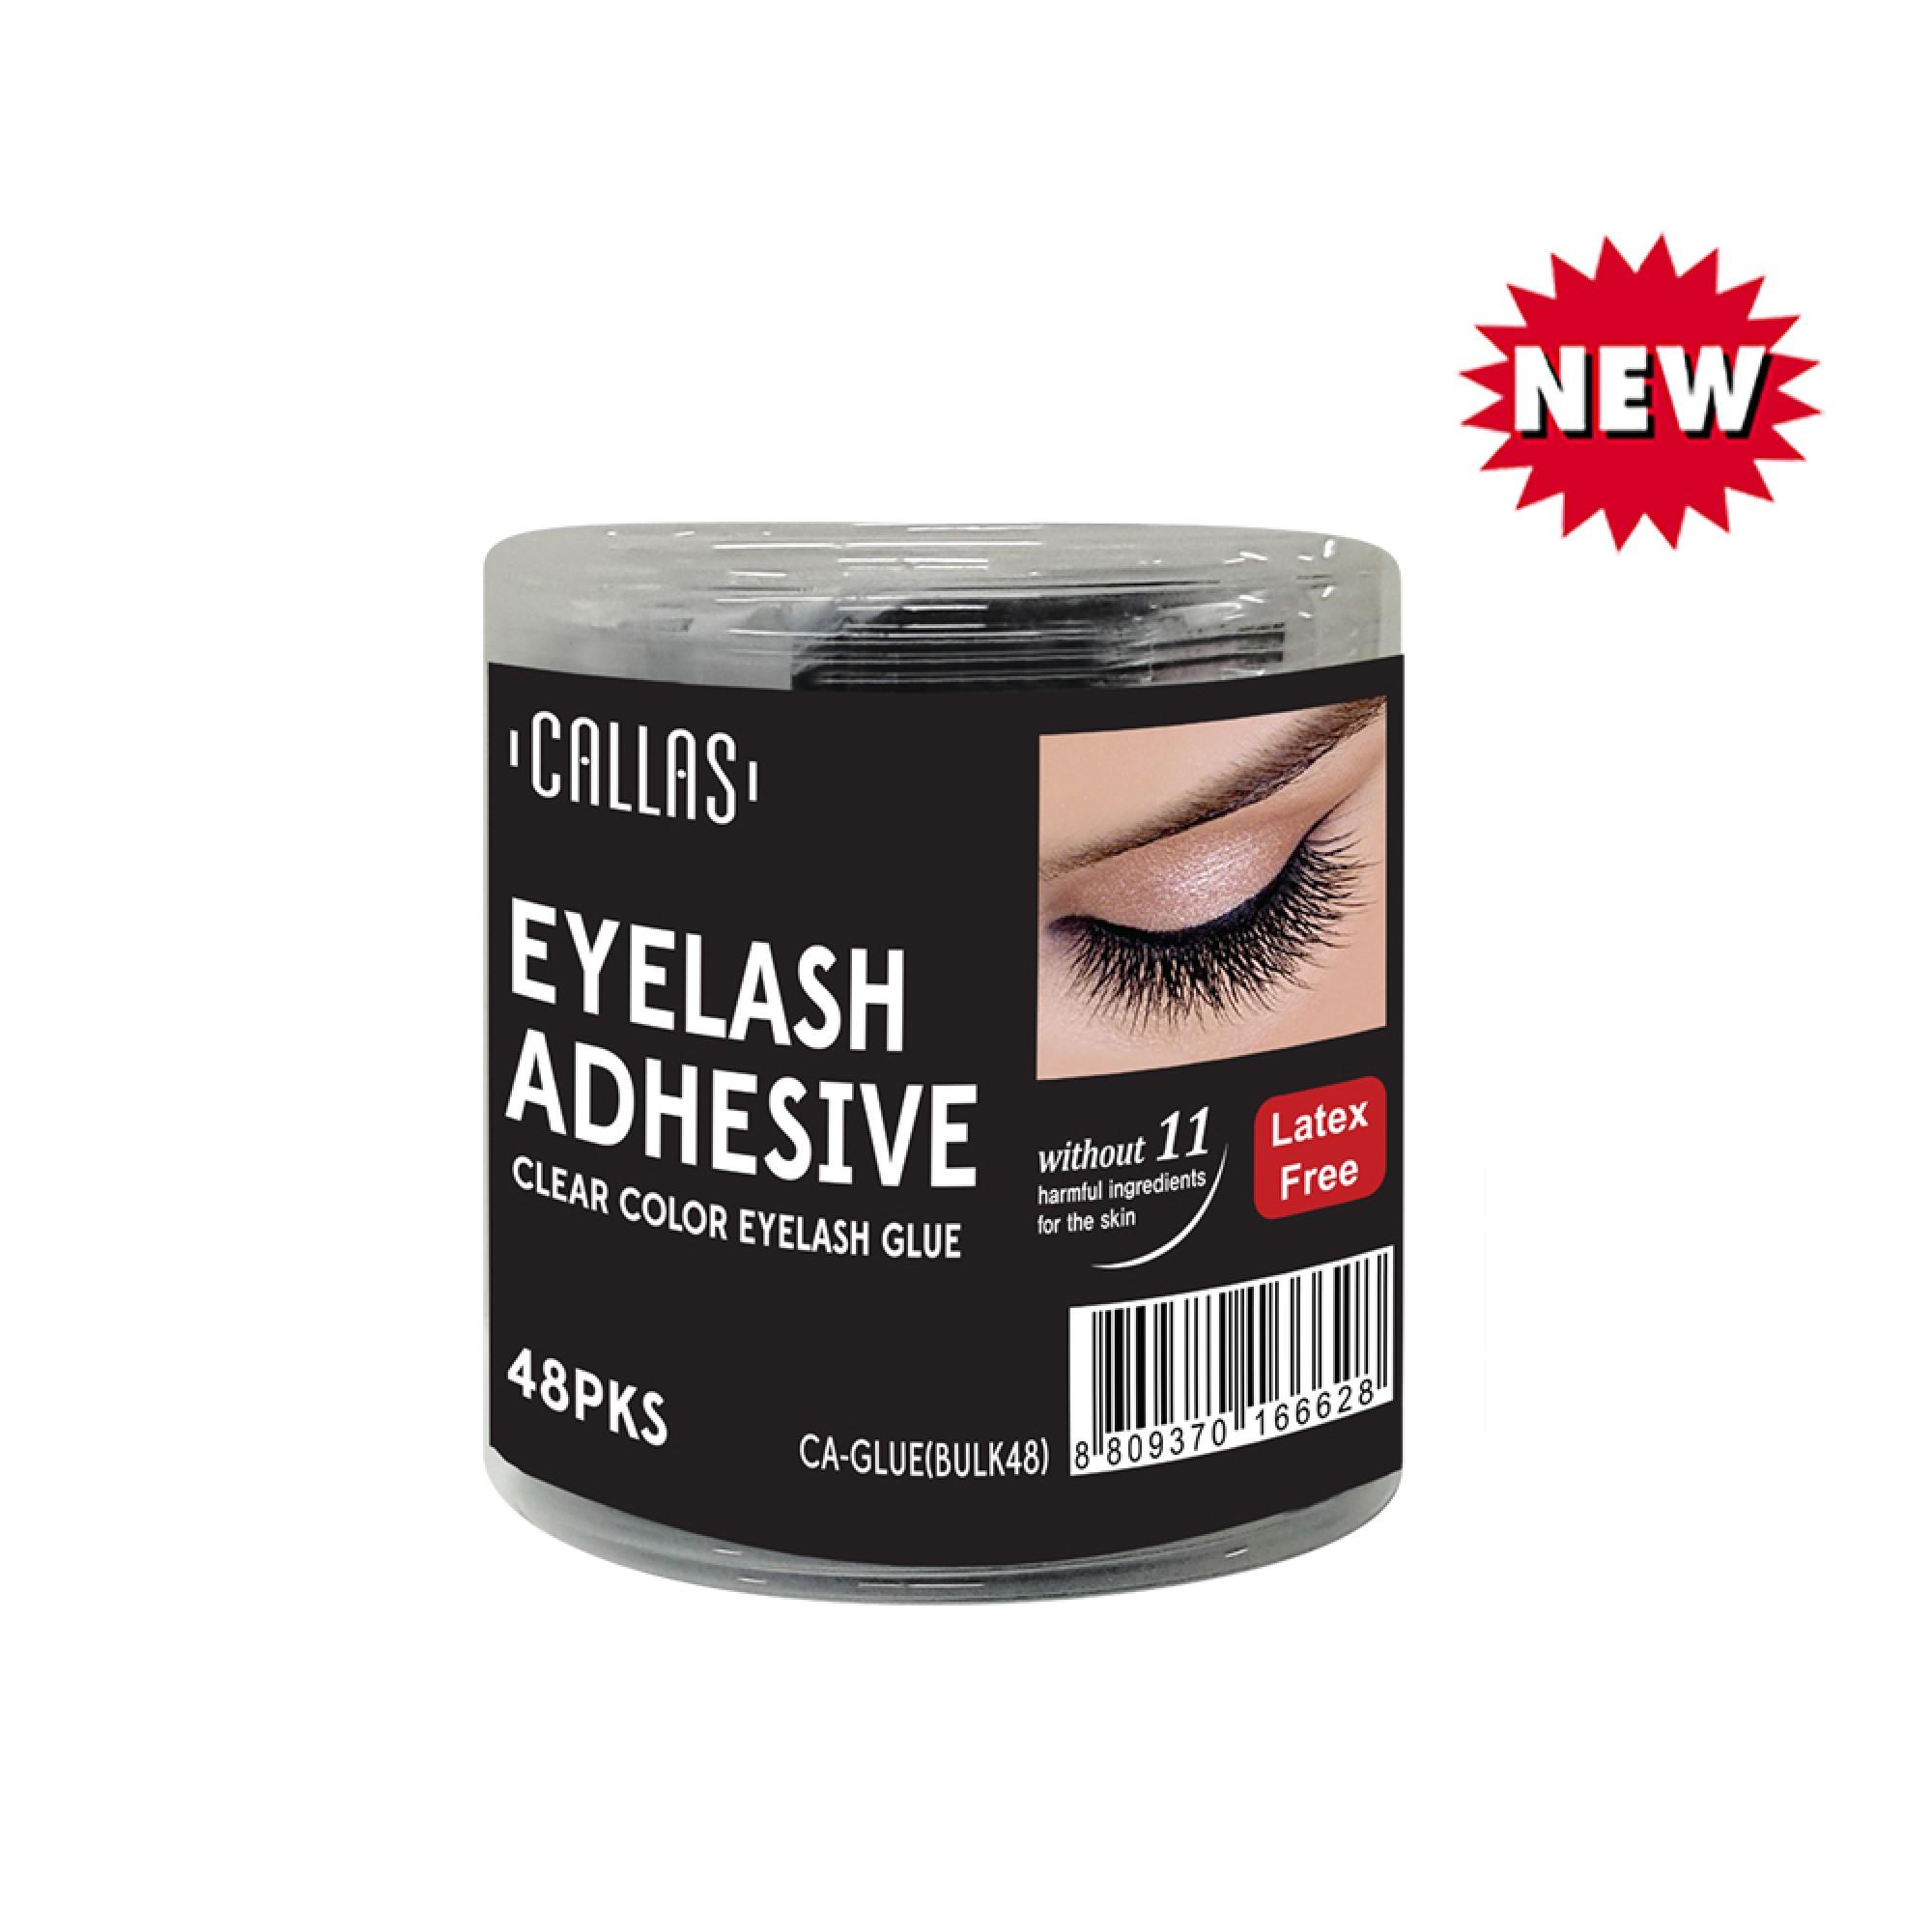 Callas Eyelash Adhesive Clear Color Eyelash Glue 48pks